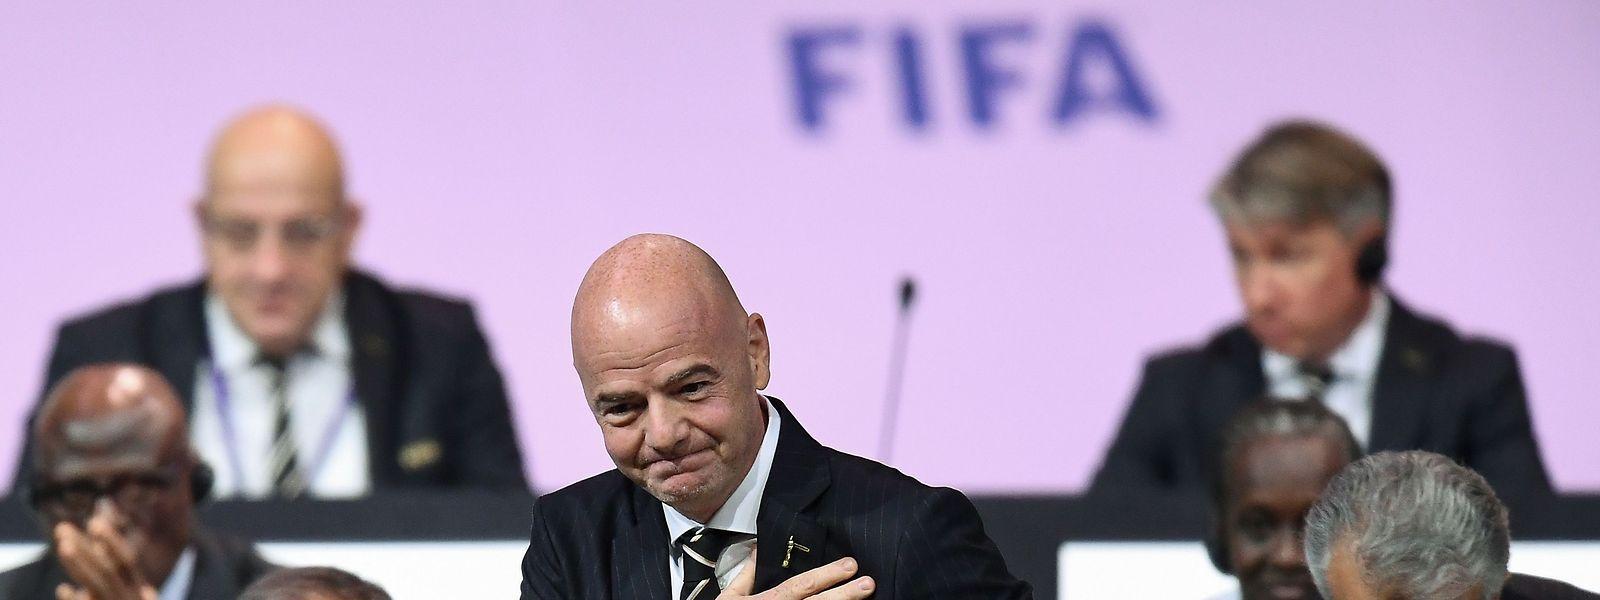 «Notre monde et notre sport seront différents quand nous reviendrons à la normale», assure Gianni Infantino